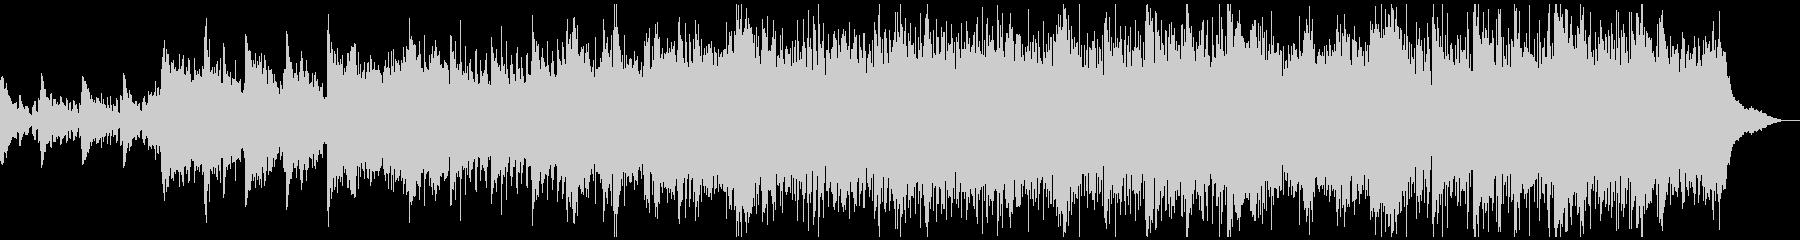 未来的なピアノ曲の未再生の波形